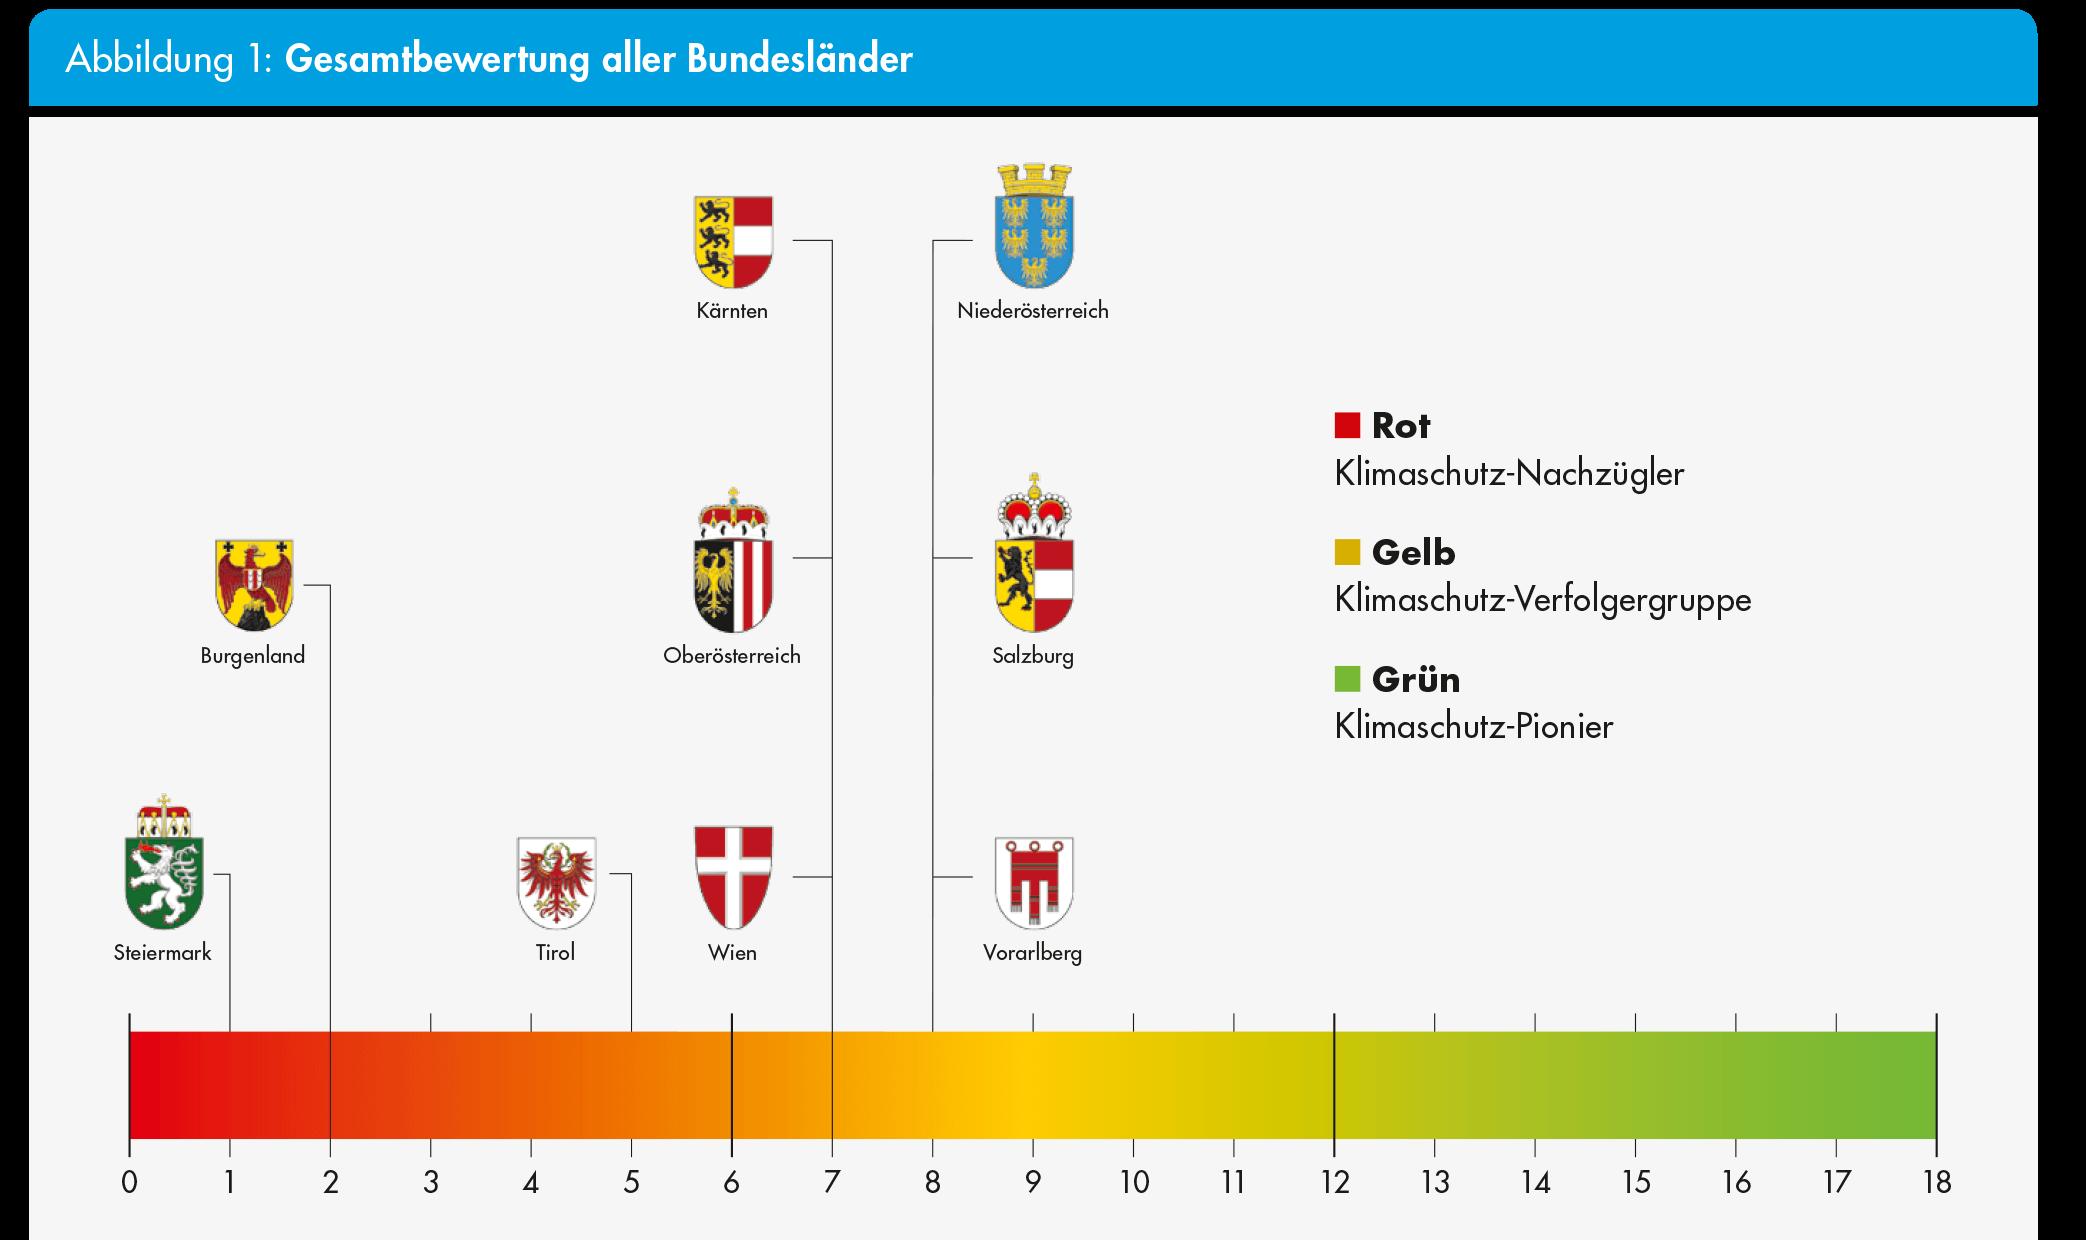 Grafik: Wohnbaucheck 2018 - Bundesländer Vergleich